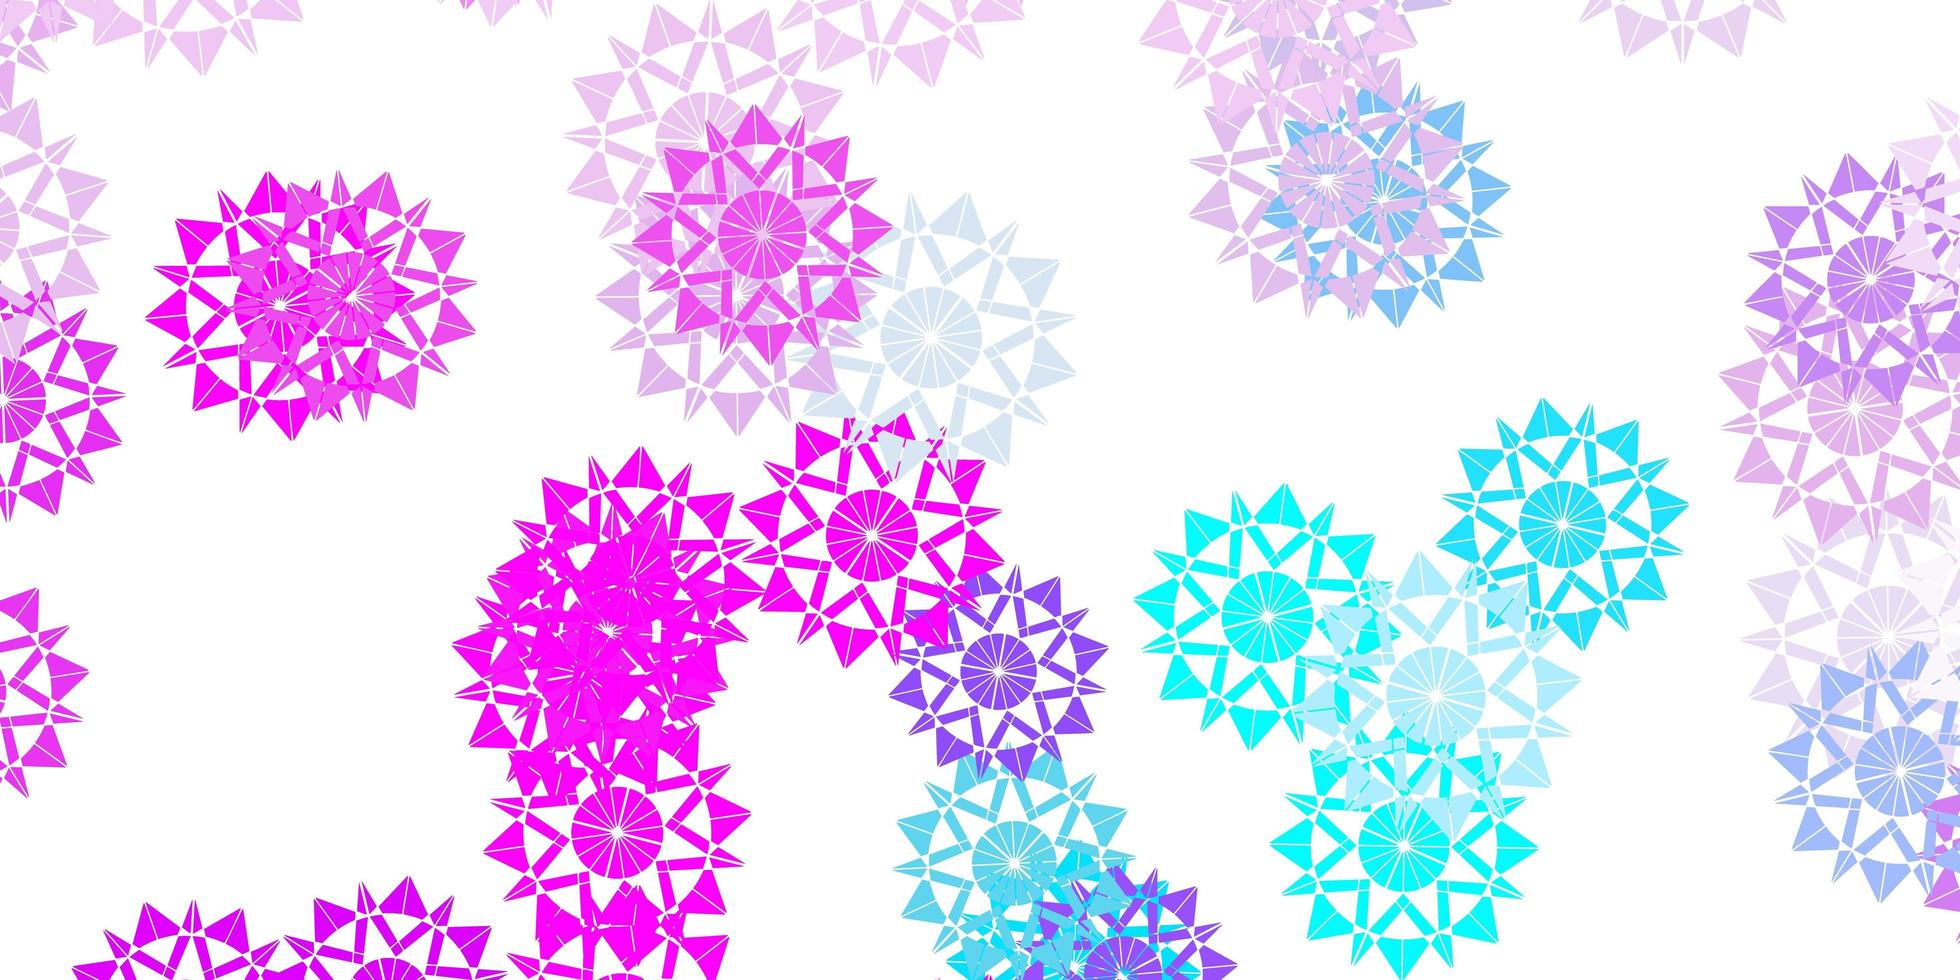 ljusrosa, blå vektormall med issnöflingor. vektor